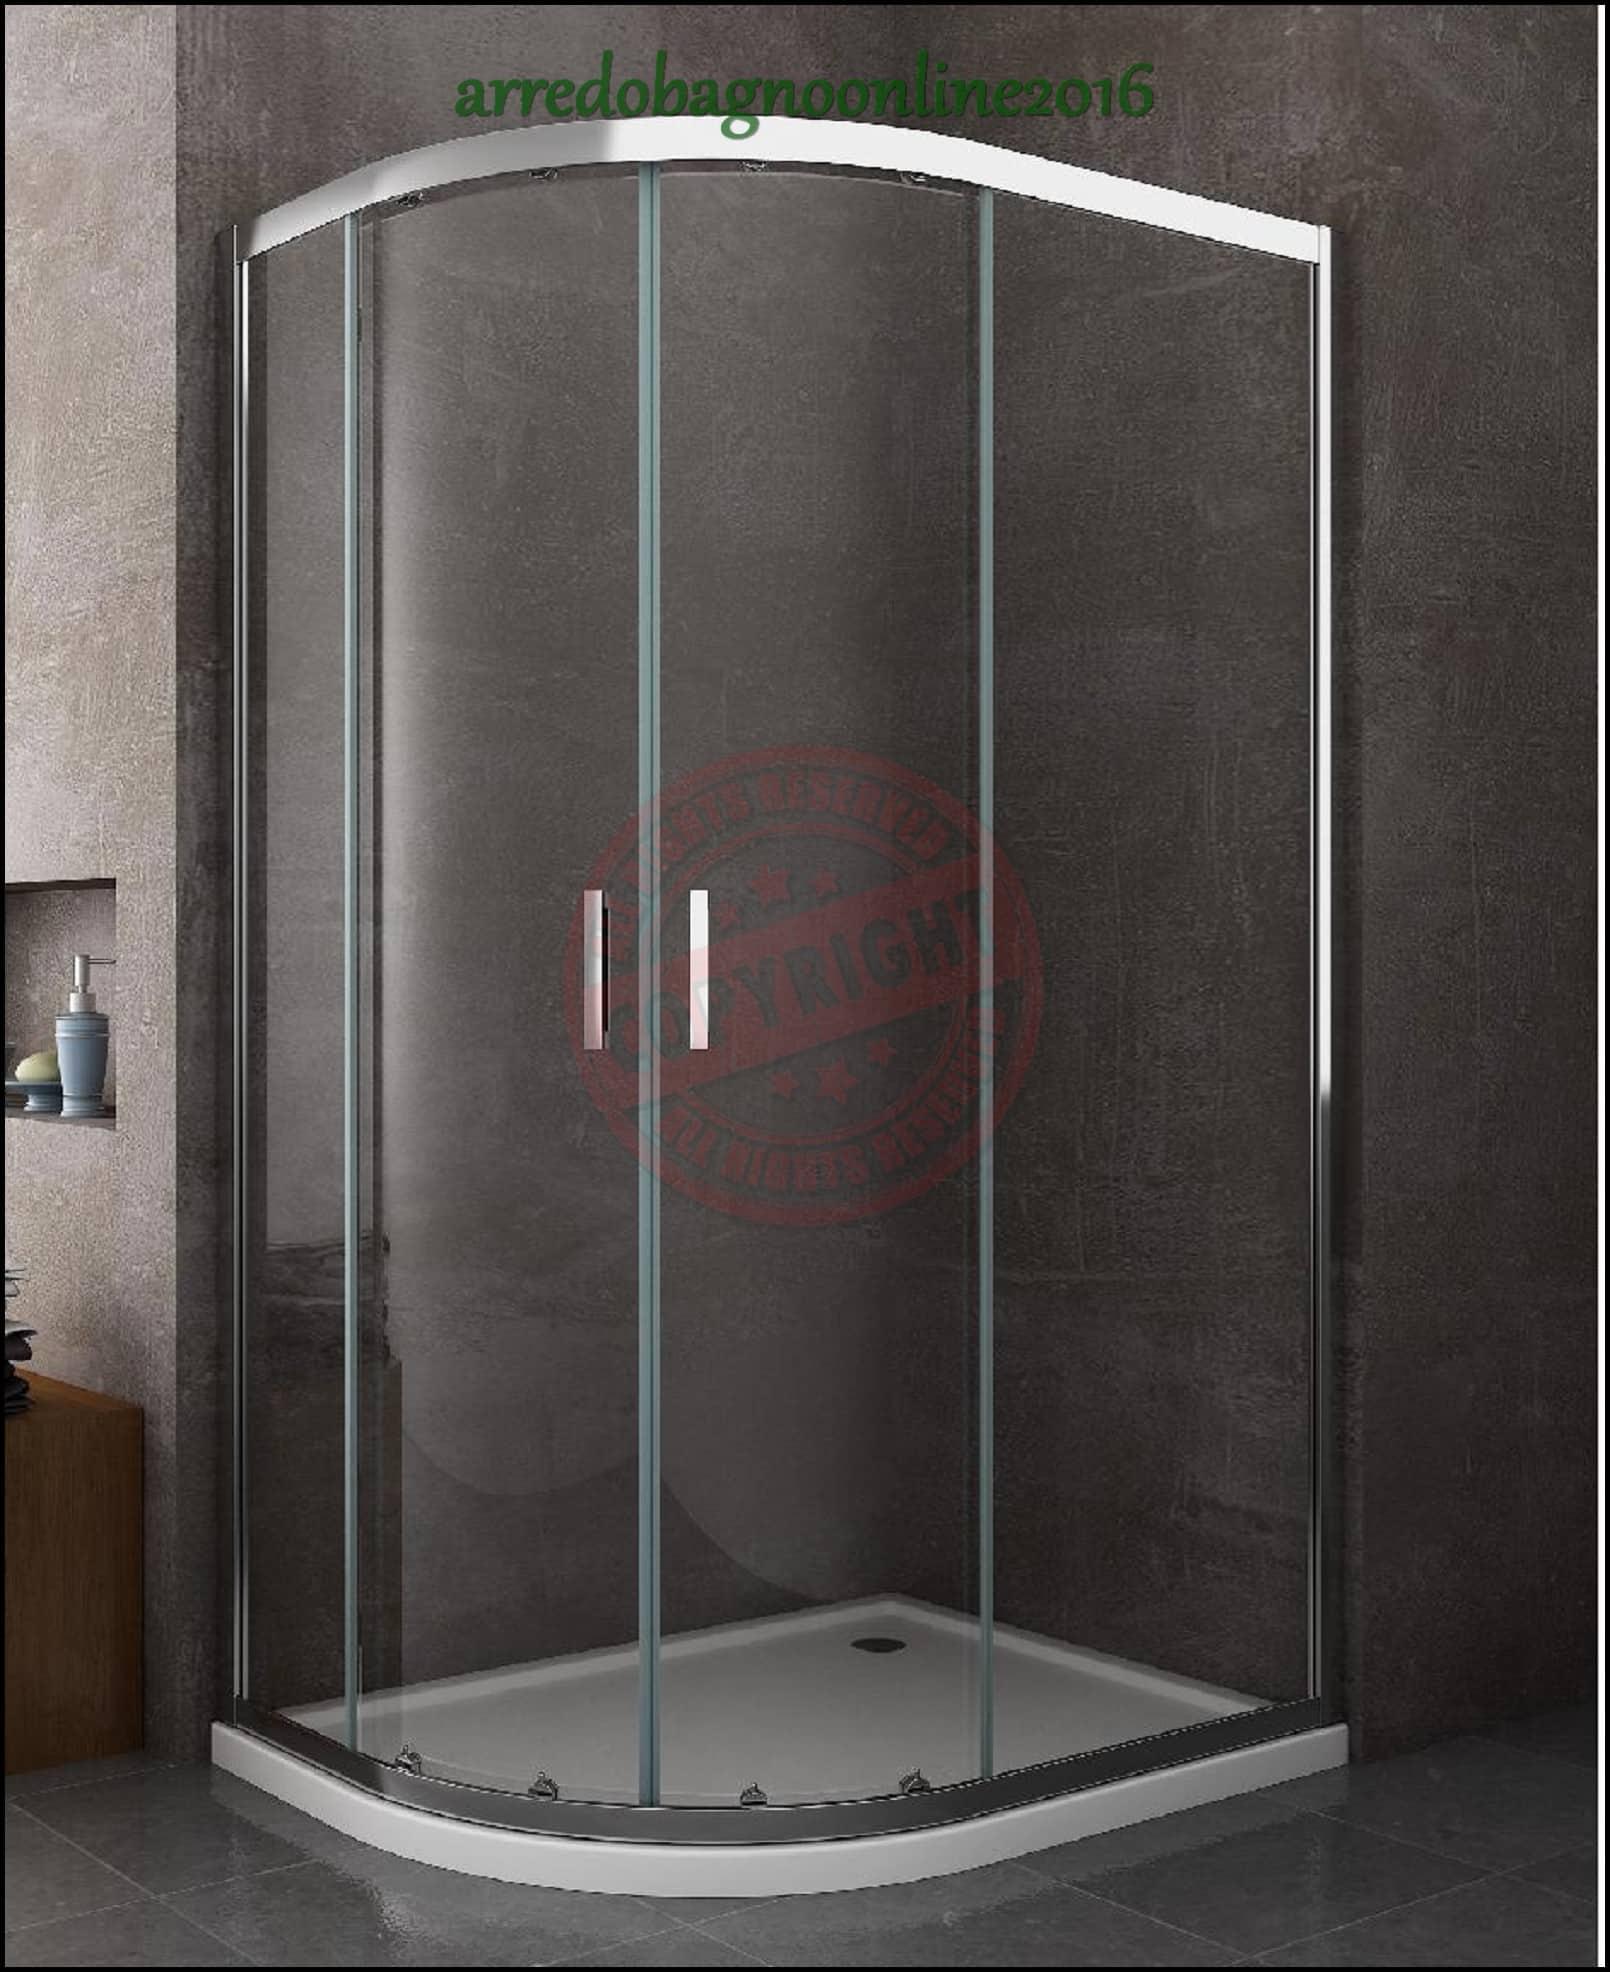 Box cabina piatto doccia incluso 80x120 destro curvo asimmetrico semicircolare ebay - Doccia senza piatto doccia ...